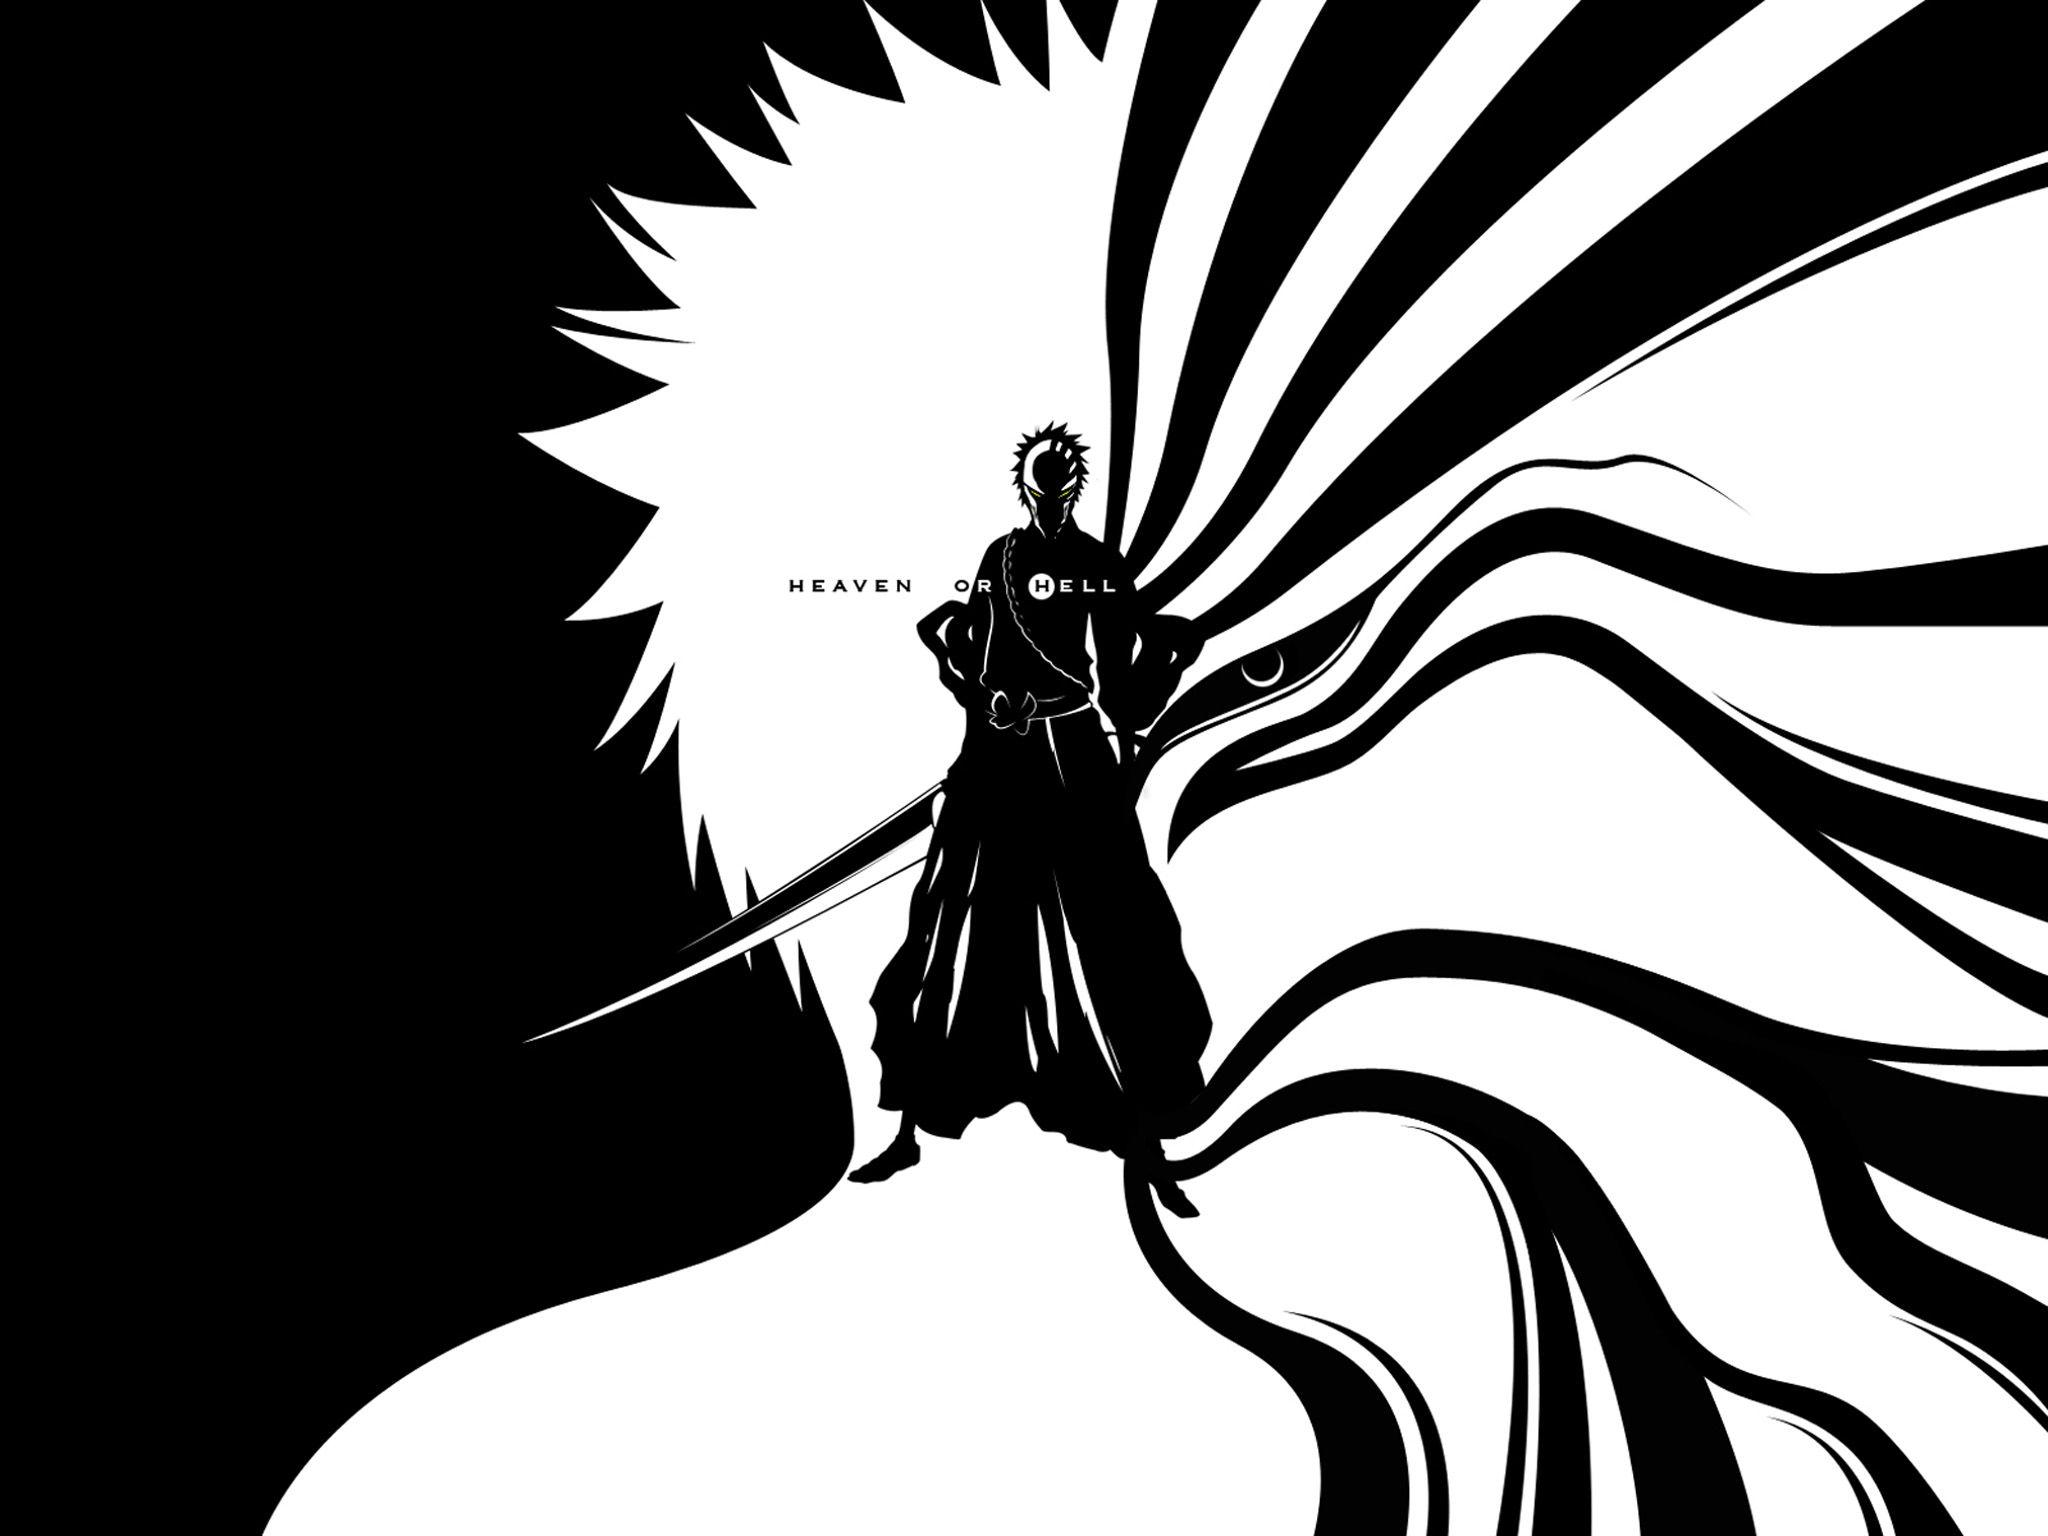 Download Bleach Ichigo Kurosaki Hollow Wallpaper Full 2048x1536 Wallpapers 62 Final FormBleachDesktopDesk